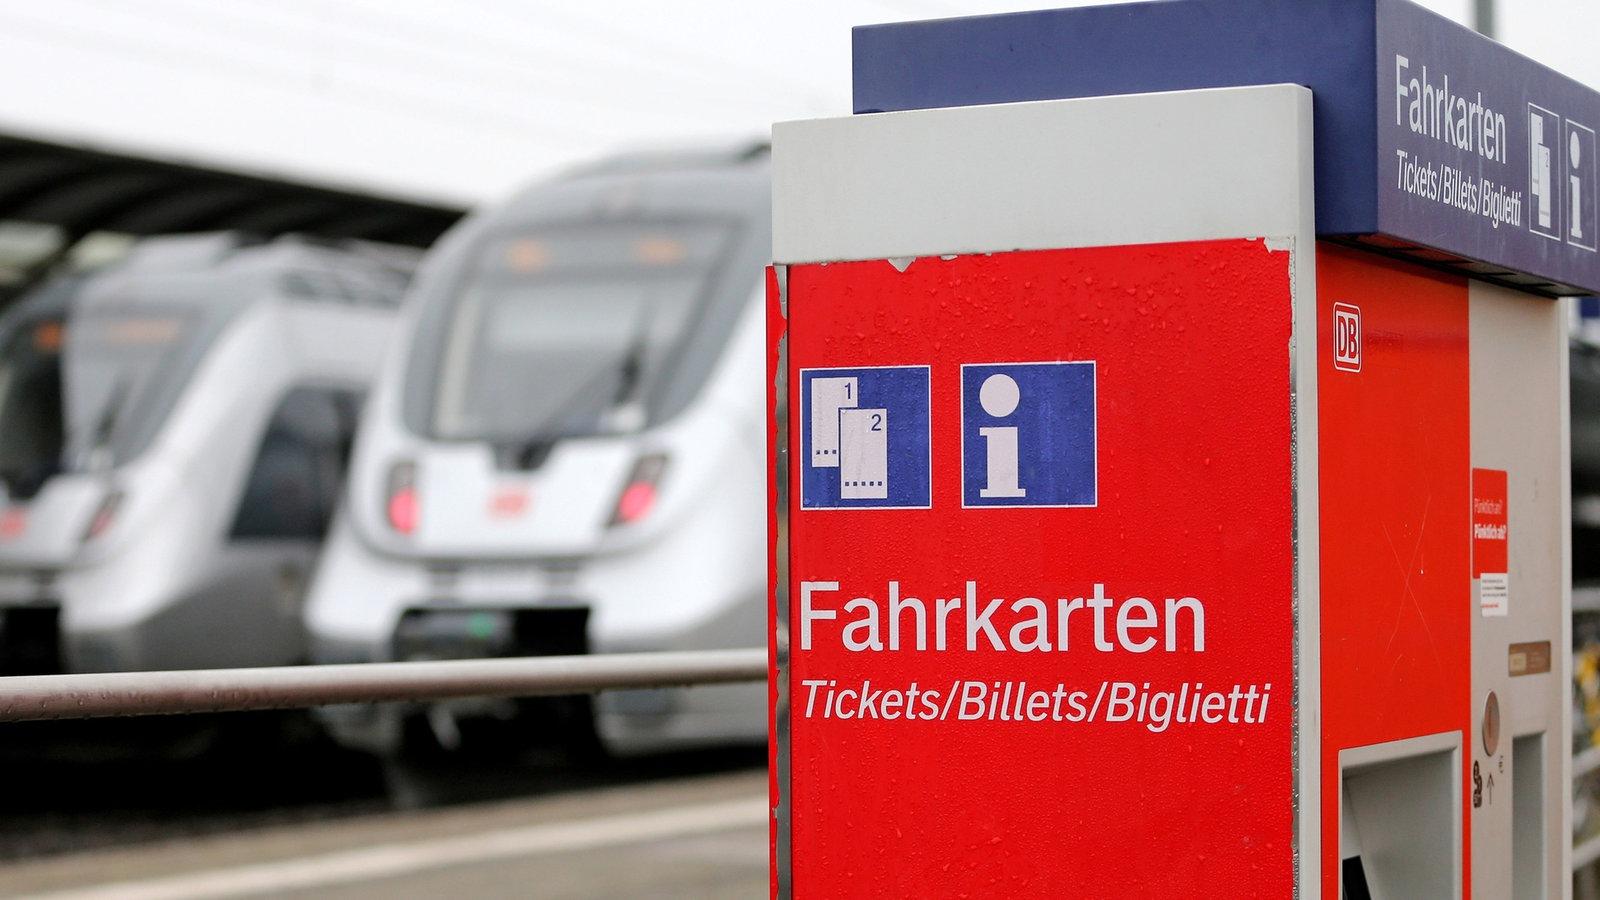 Deutsche Bahn Mehr Züge Höherer Preis Für Fahrkarten Verbraucher